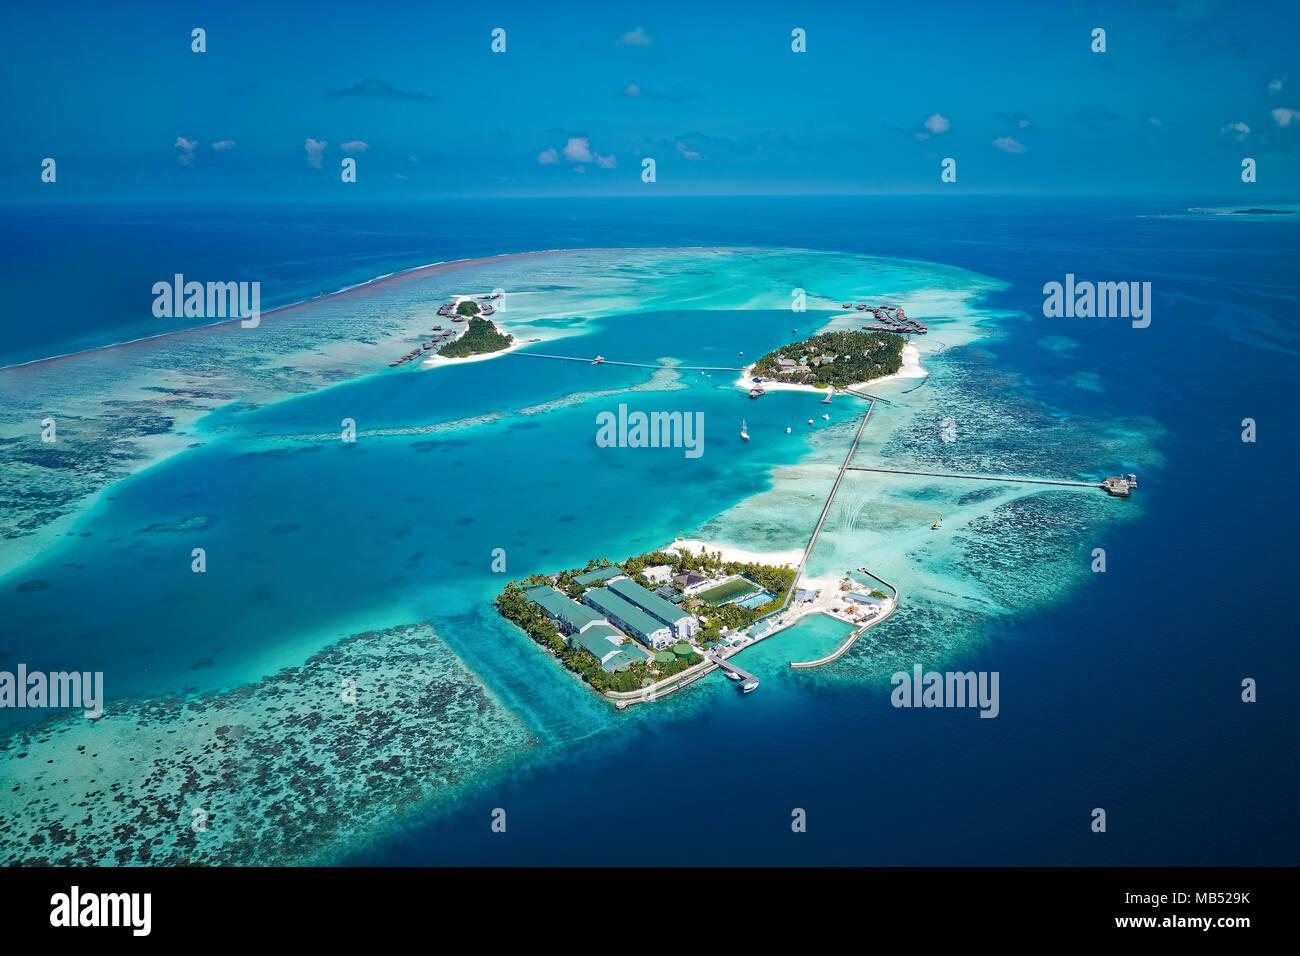 Conrad Maldives Rangali Island resort di lusso, Coral reef, Rangalifinolhu, Ari Atoll, Oceano Indiano, Maldive Immagini Stock